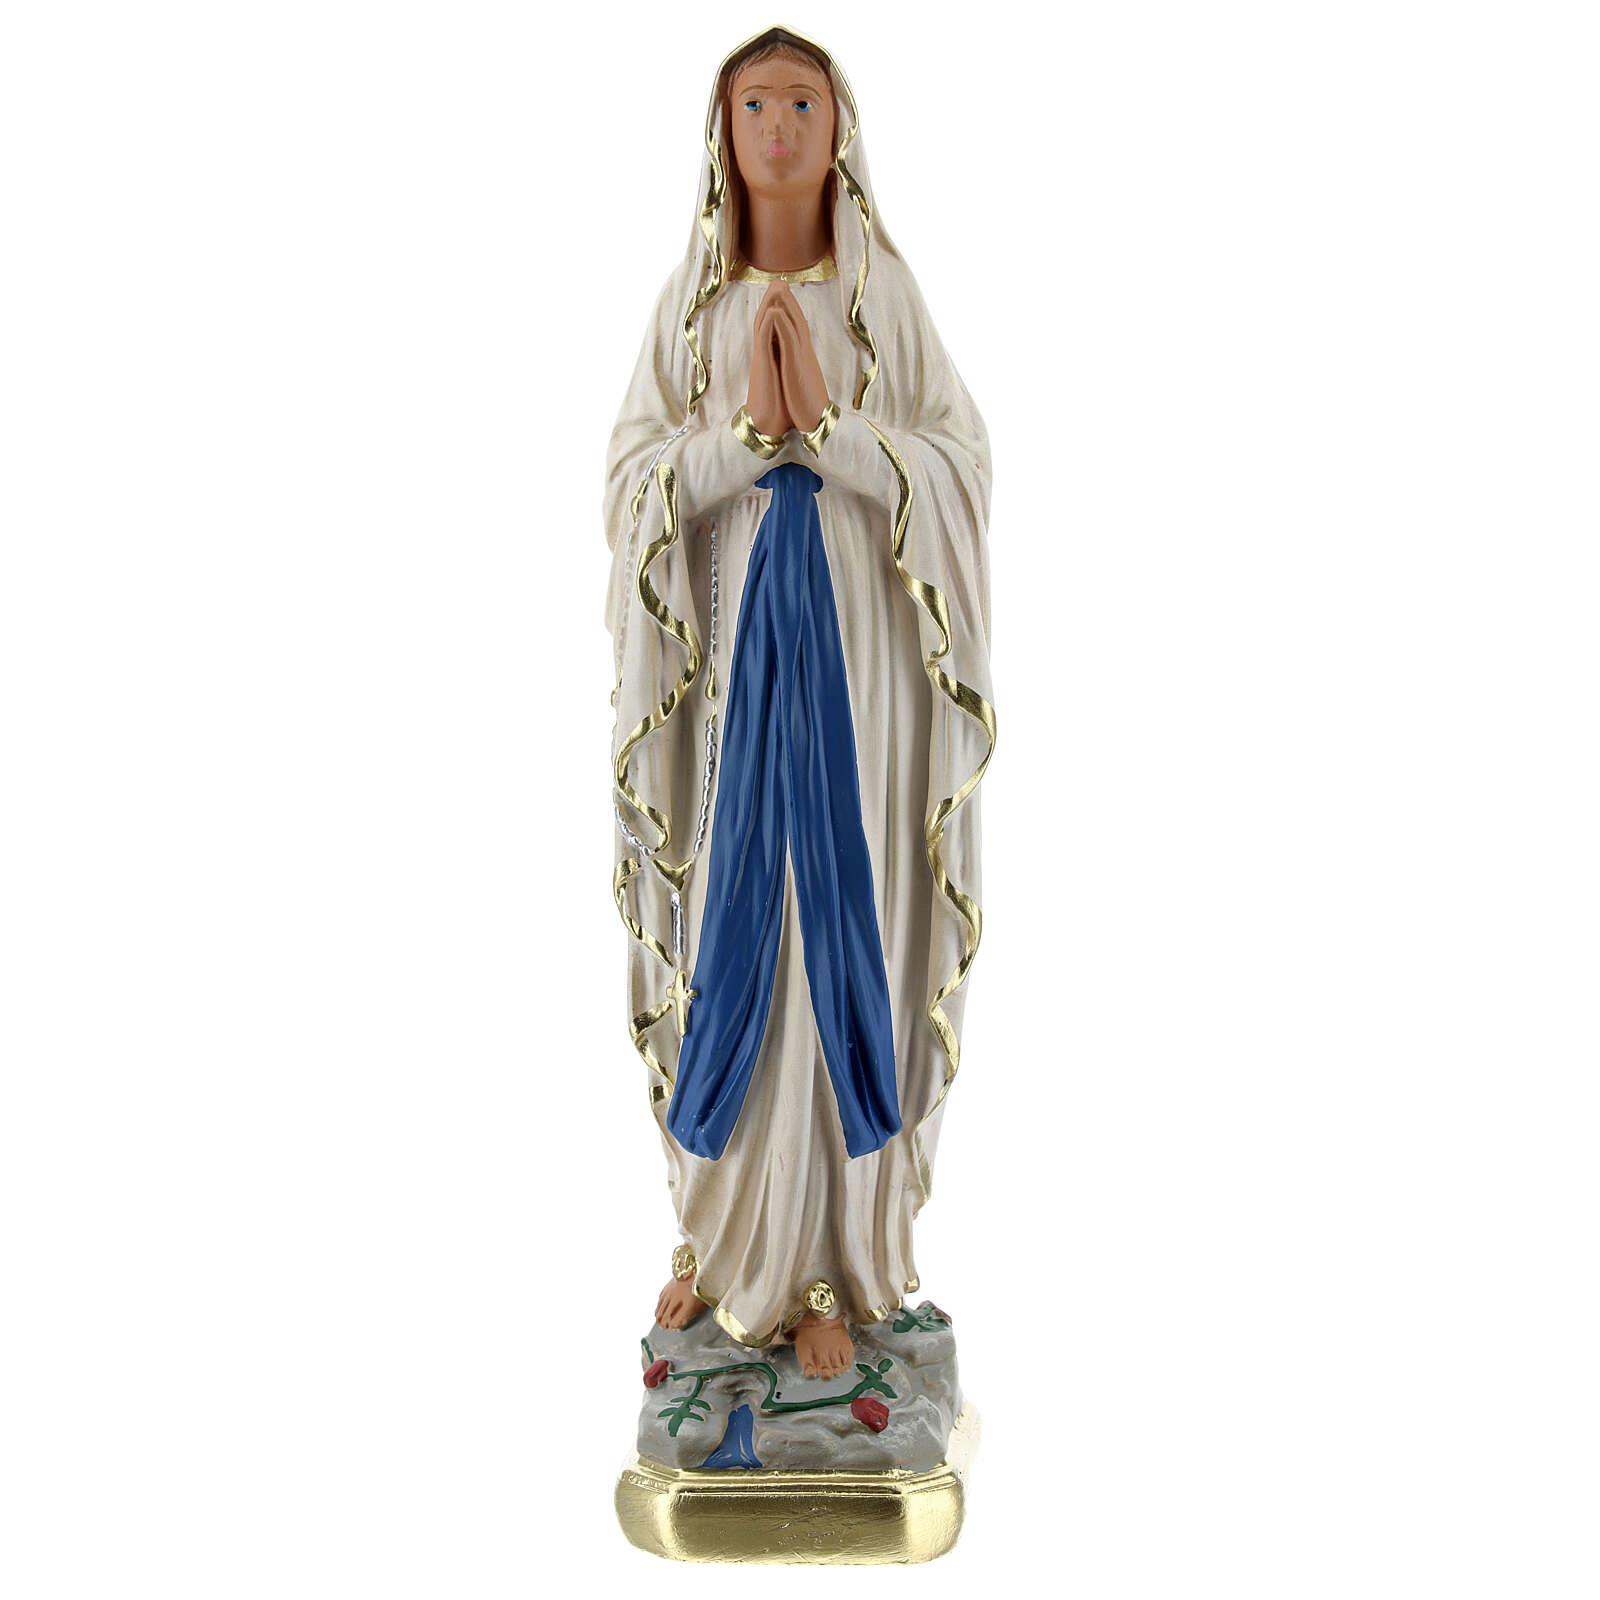 Estatua Virgen de Lourdes 20 cm yeso pintada a mano Barsanti 4